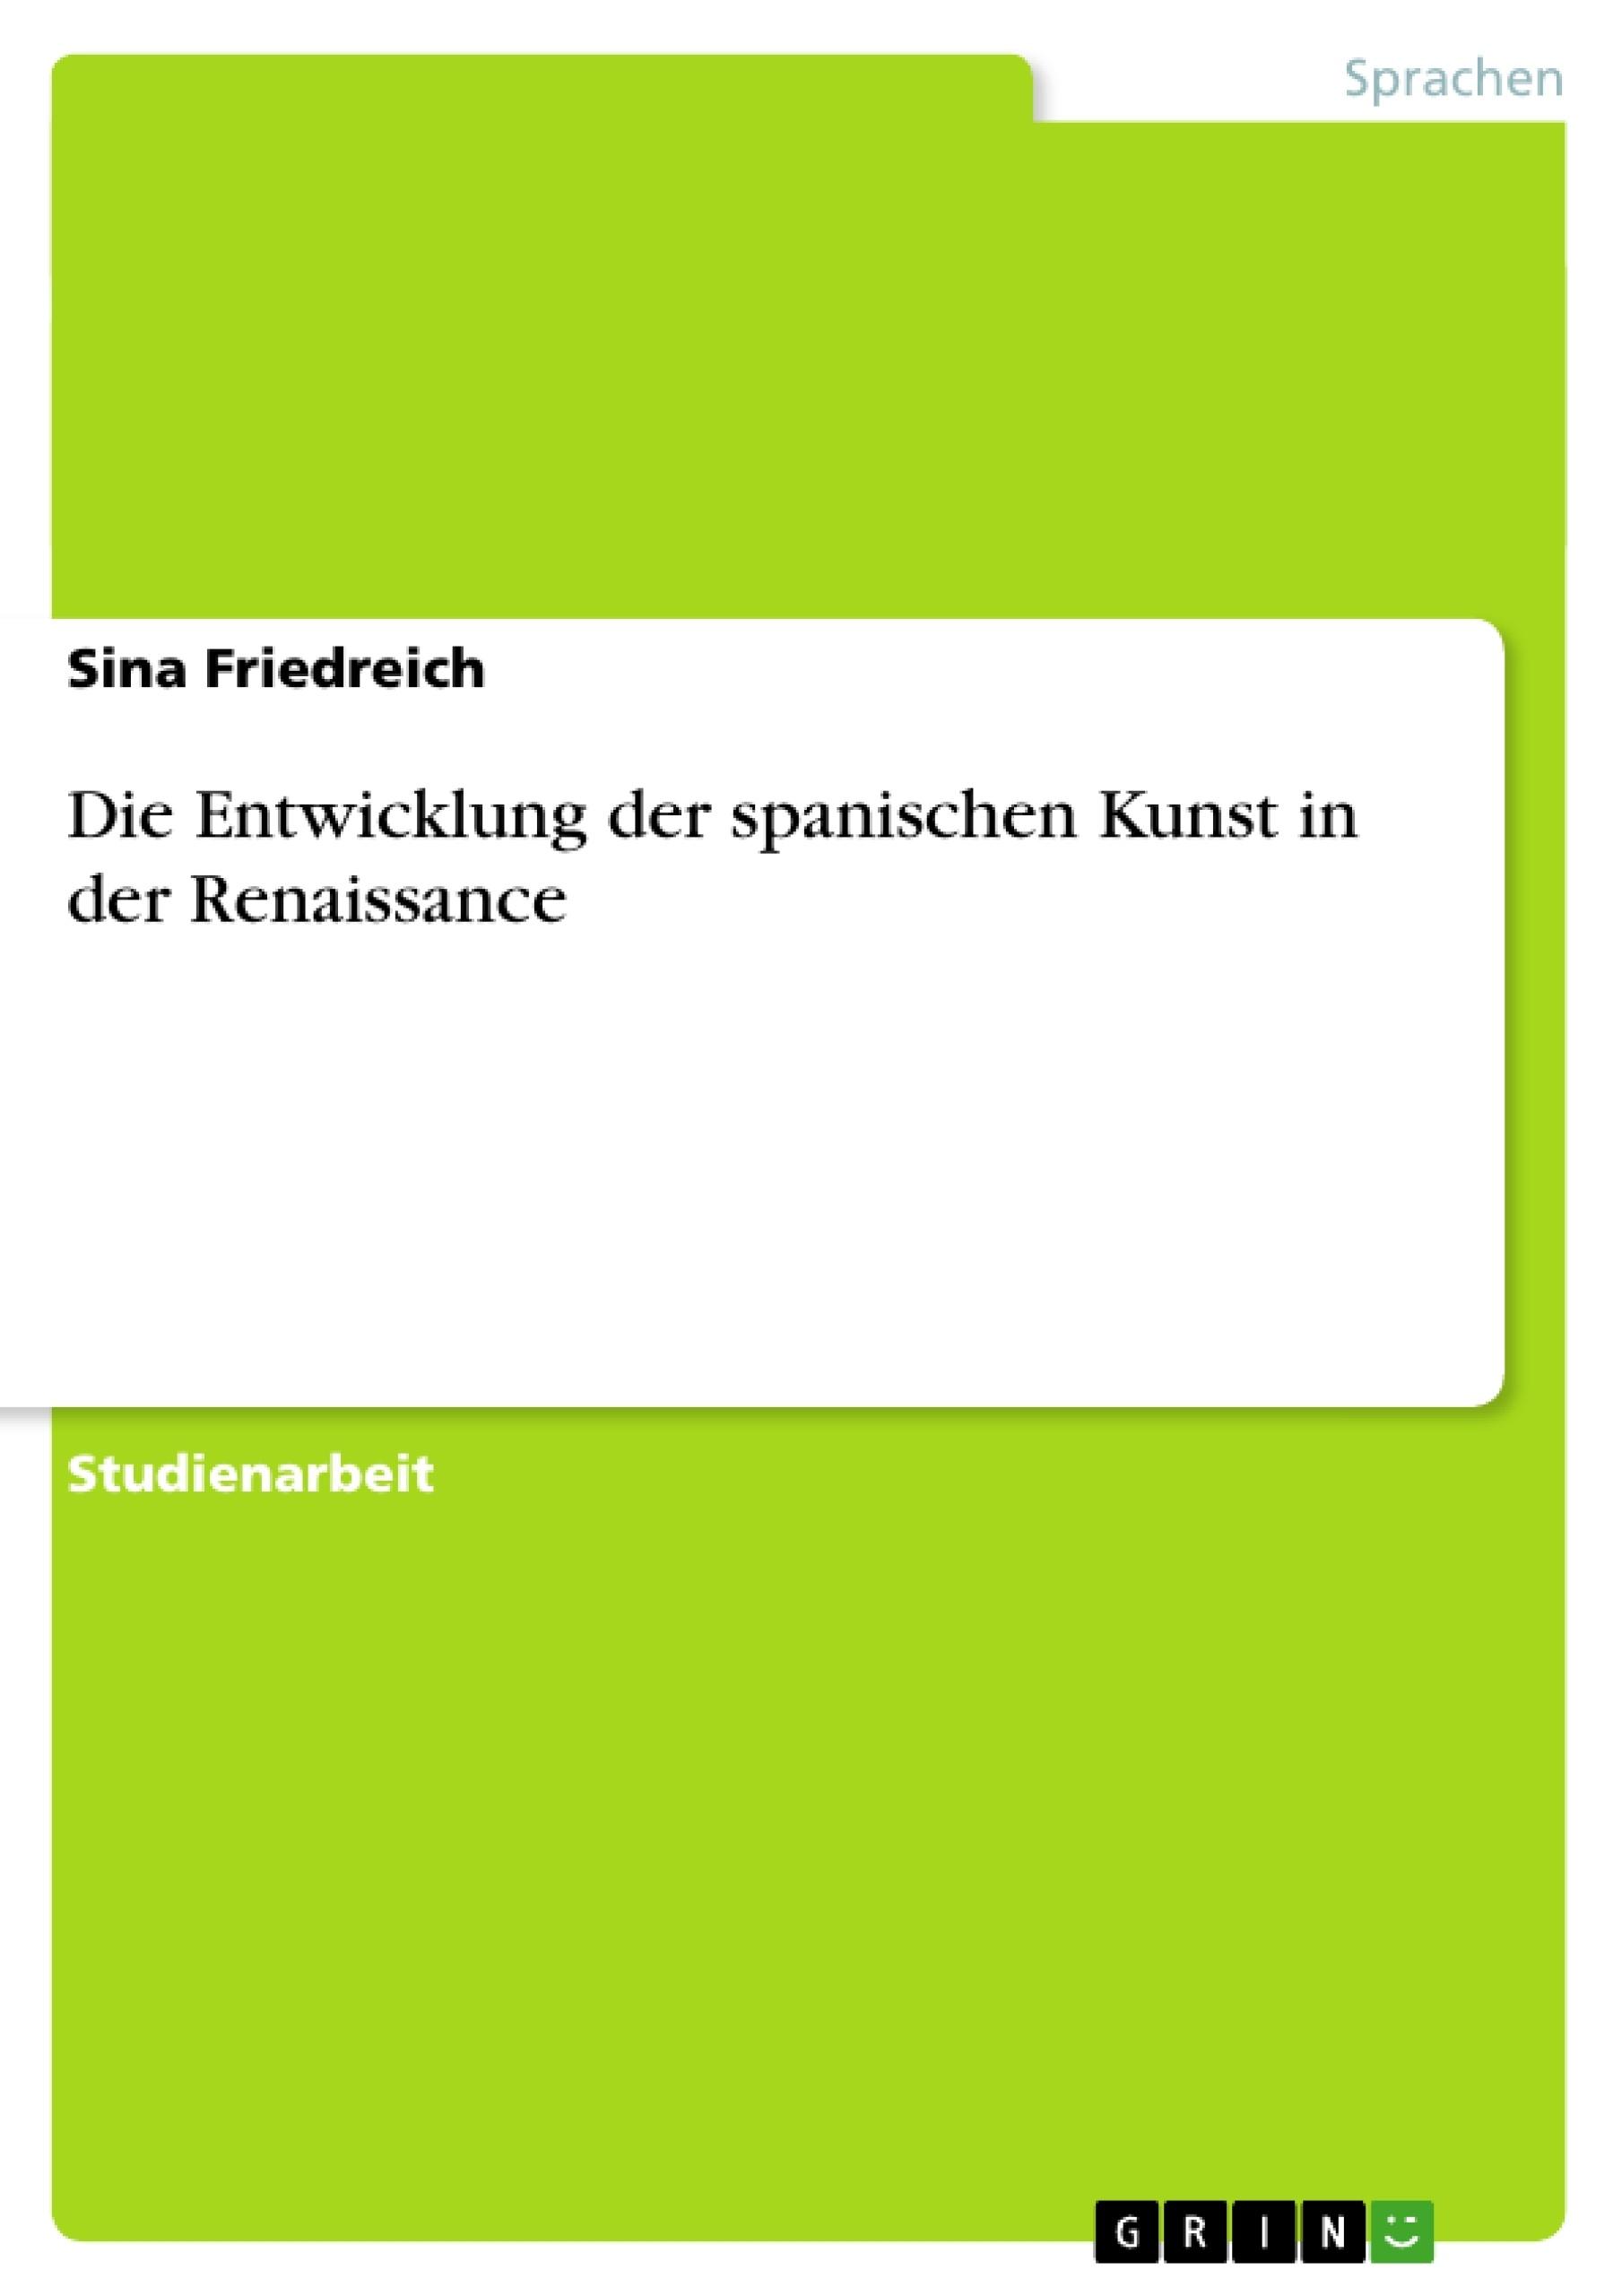 Titel: Die Entwicklung der spanischen Kunst in der Renaissance